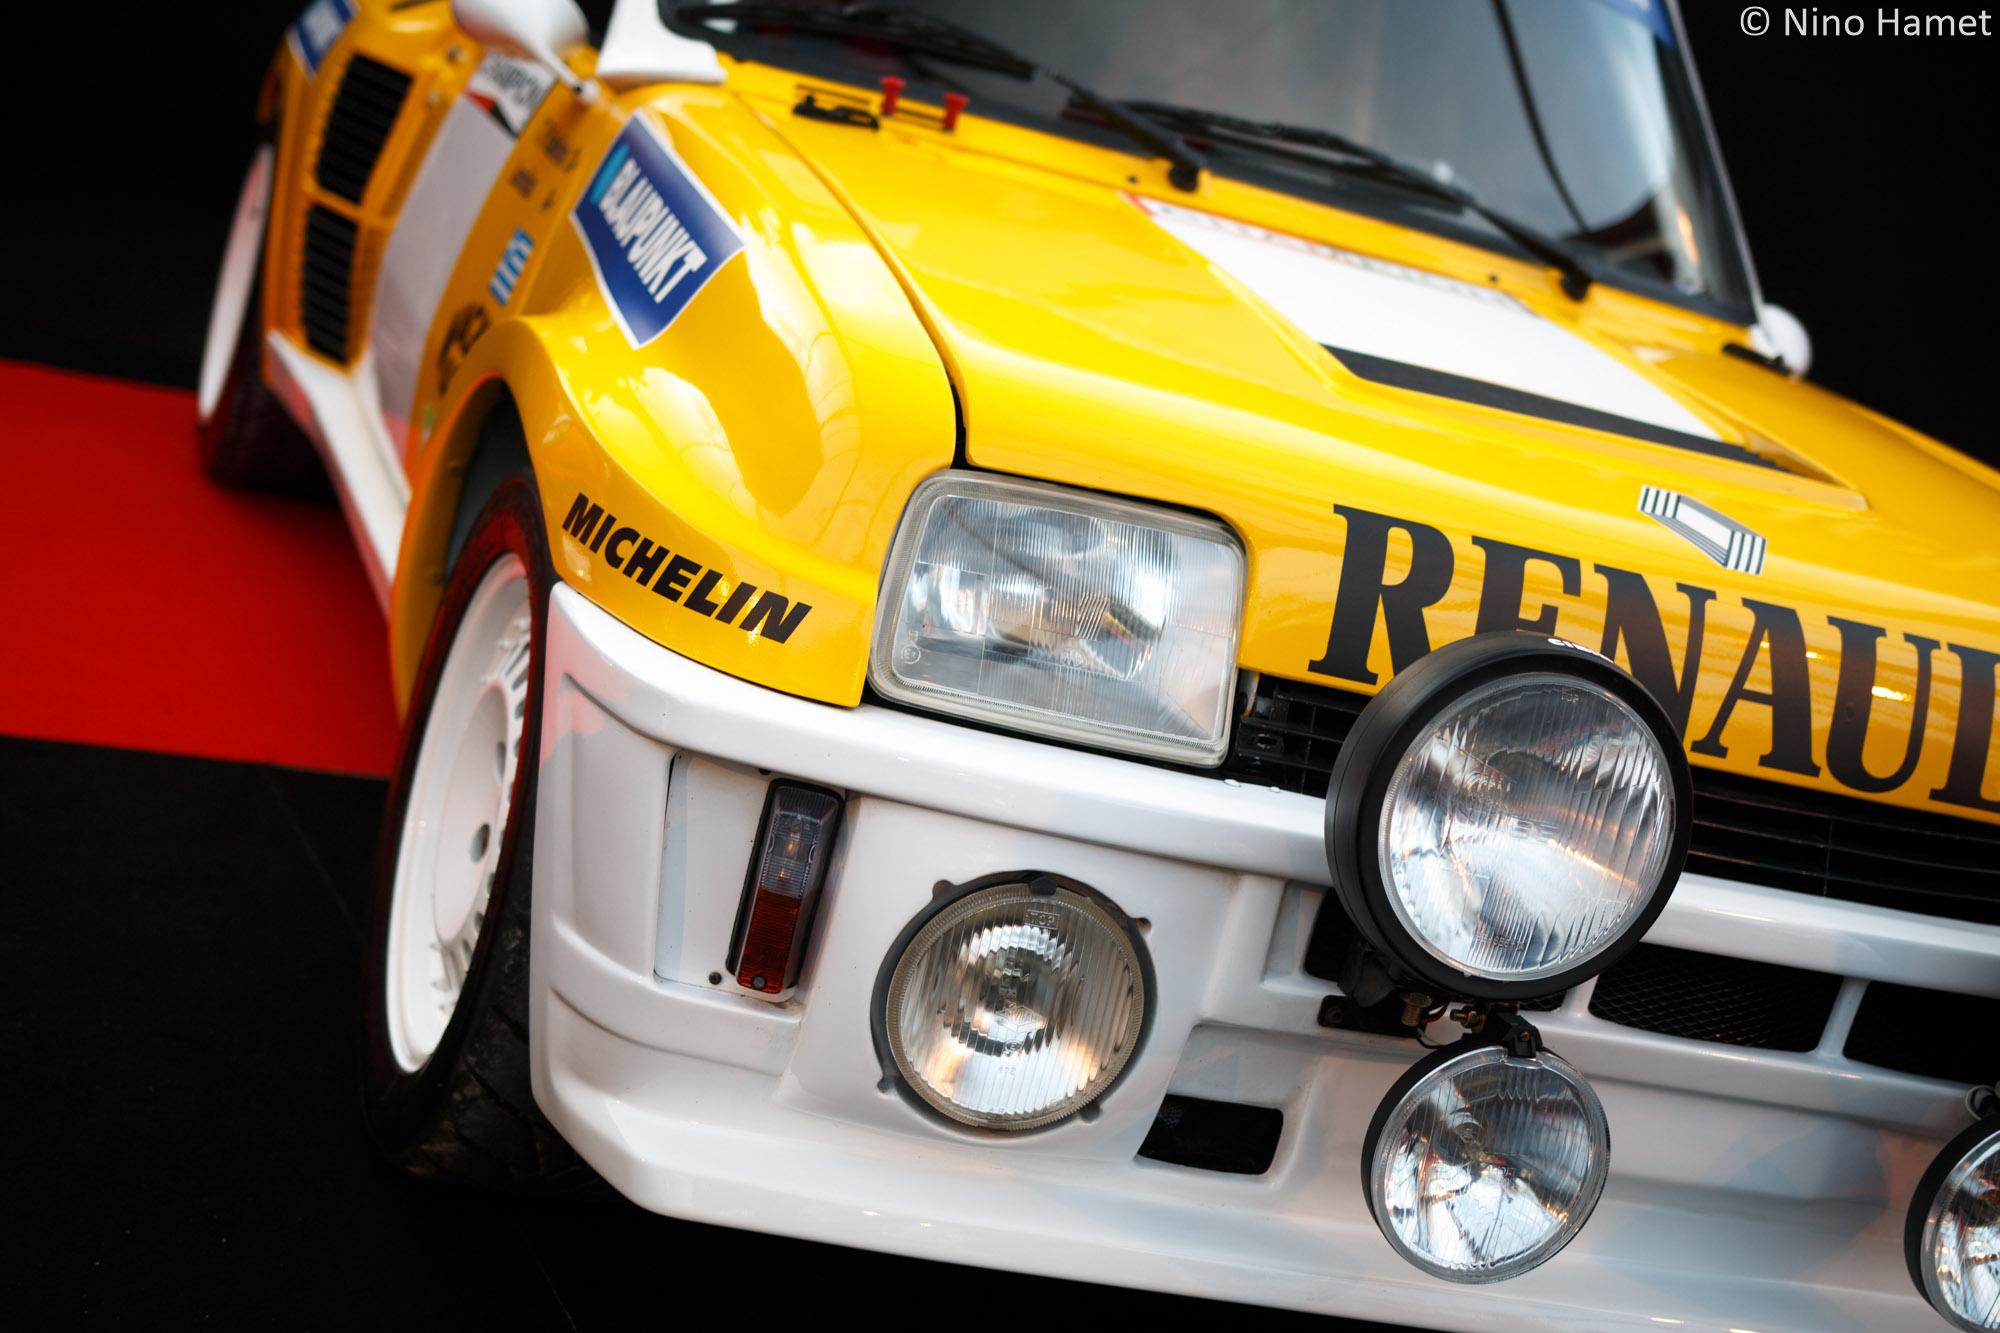 La Renault 5 Turbo est présente en bonne place dans les ventes aux enchères cette année. Une au moins dans chaque vente.